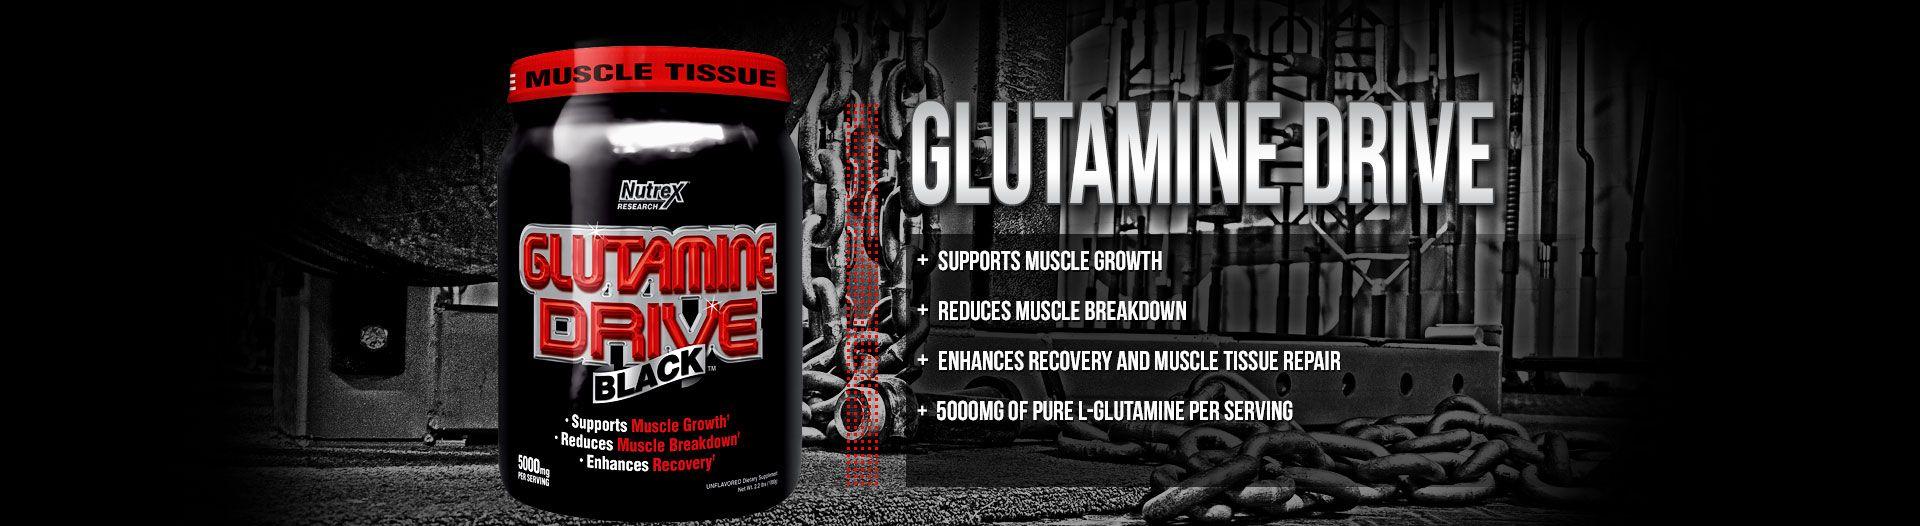 glutamine drive black glutamín